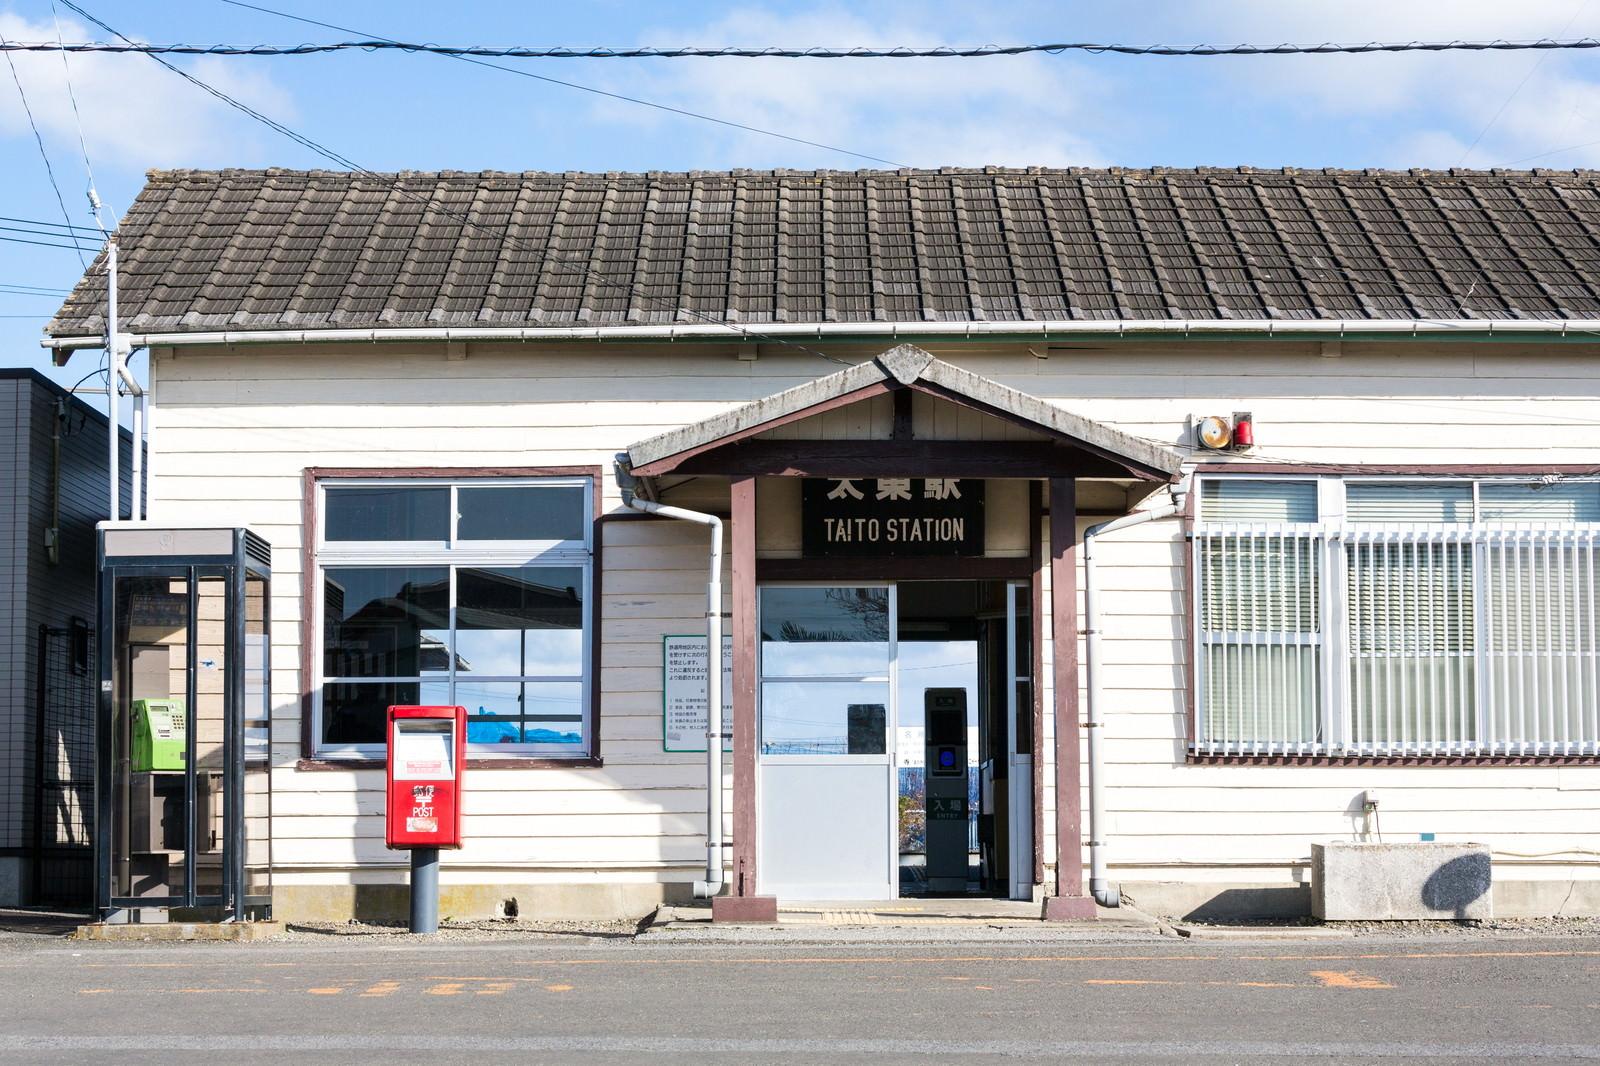 「千葉県いすみ市太東駅(JR外房線)」の写真